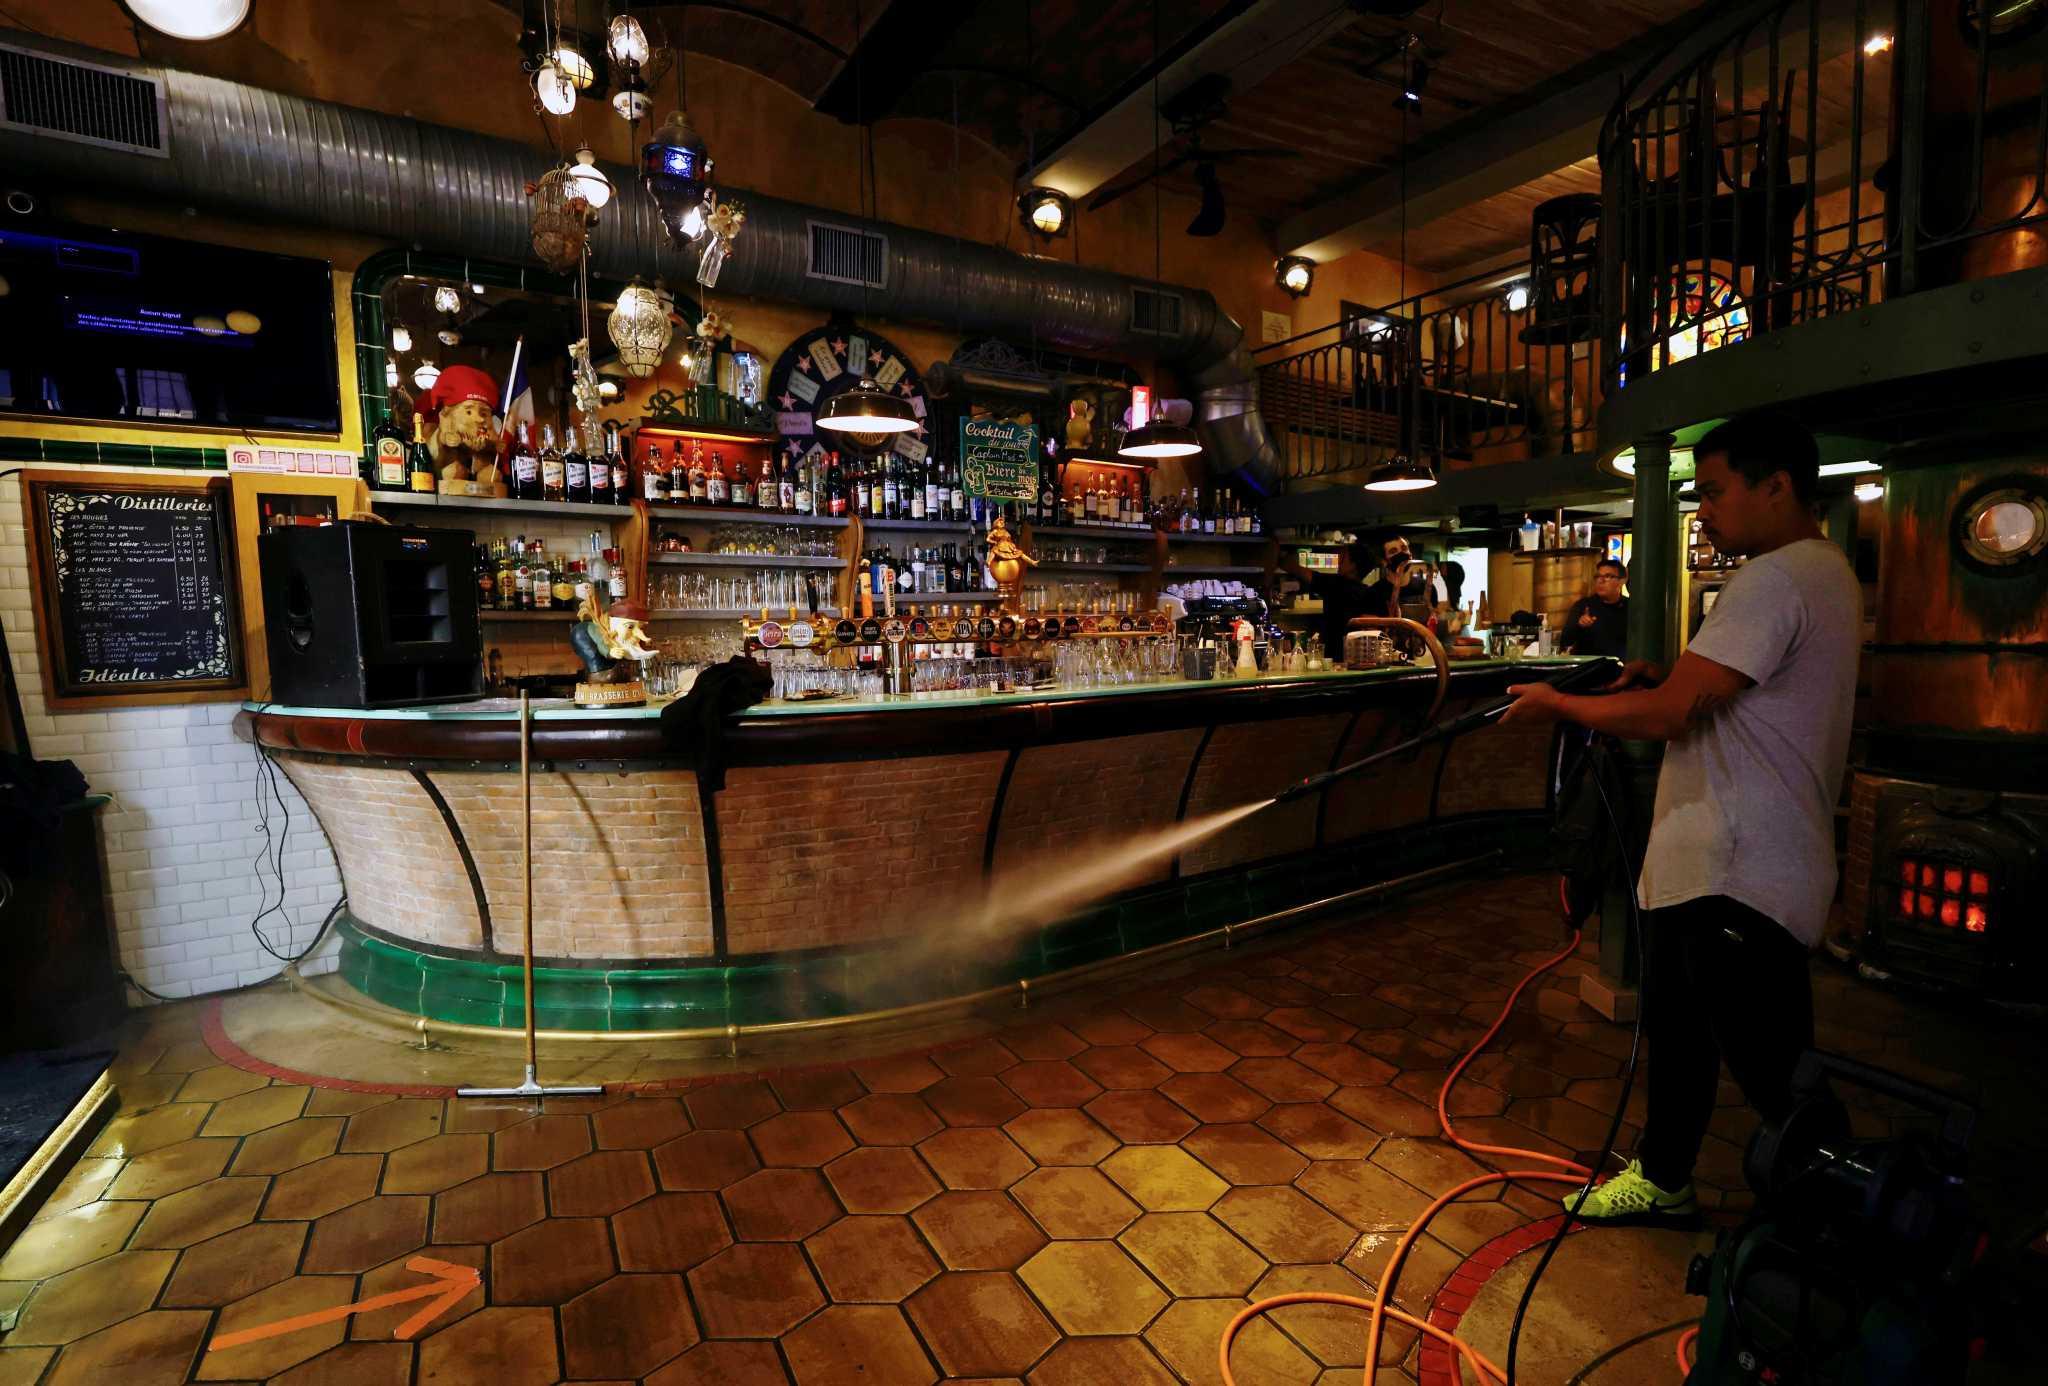 Γαλλία: Μπαρ και εστιατόρια ανεβάζουν ρολά – 20 τα κρούσματα της «ινδικής» μετάλλαξης